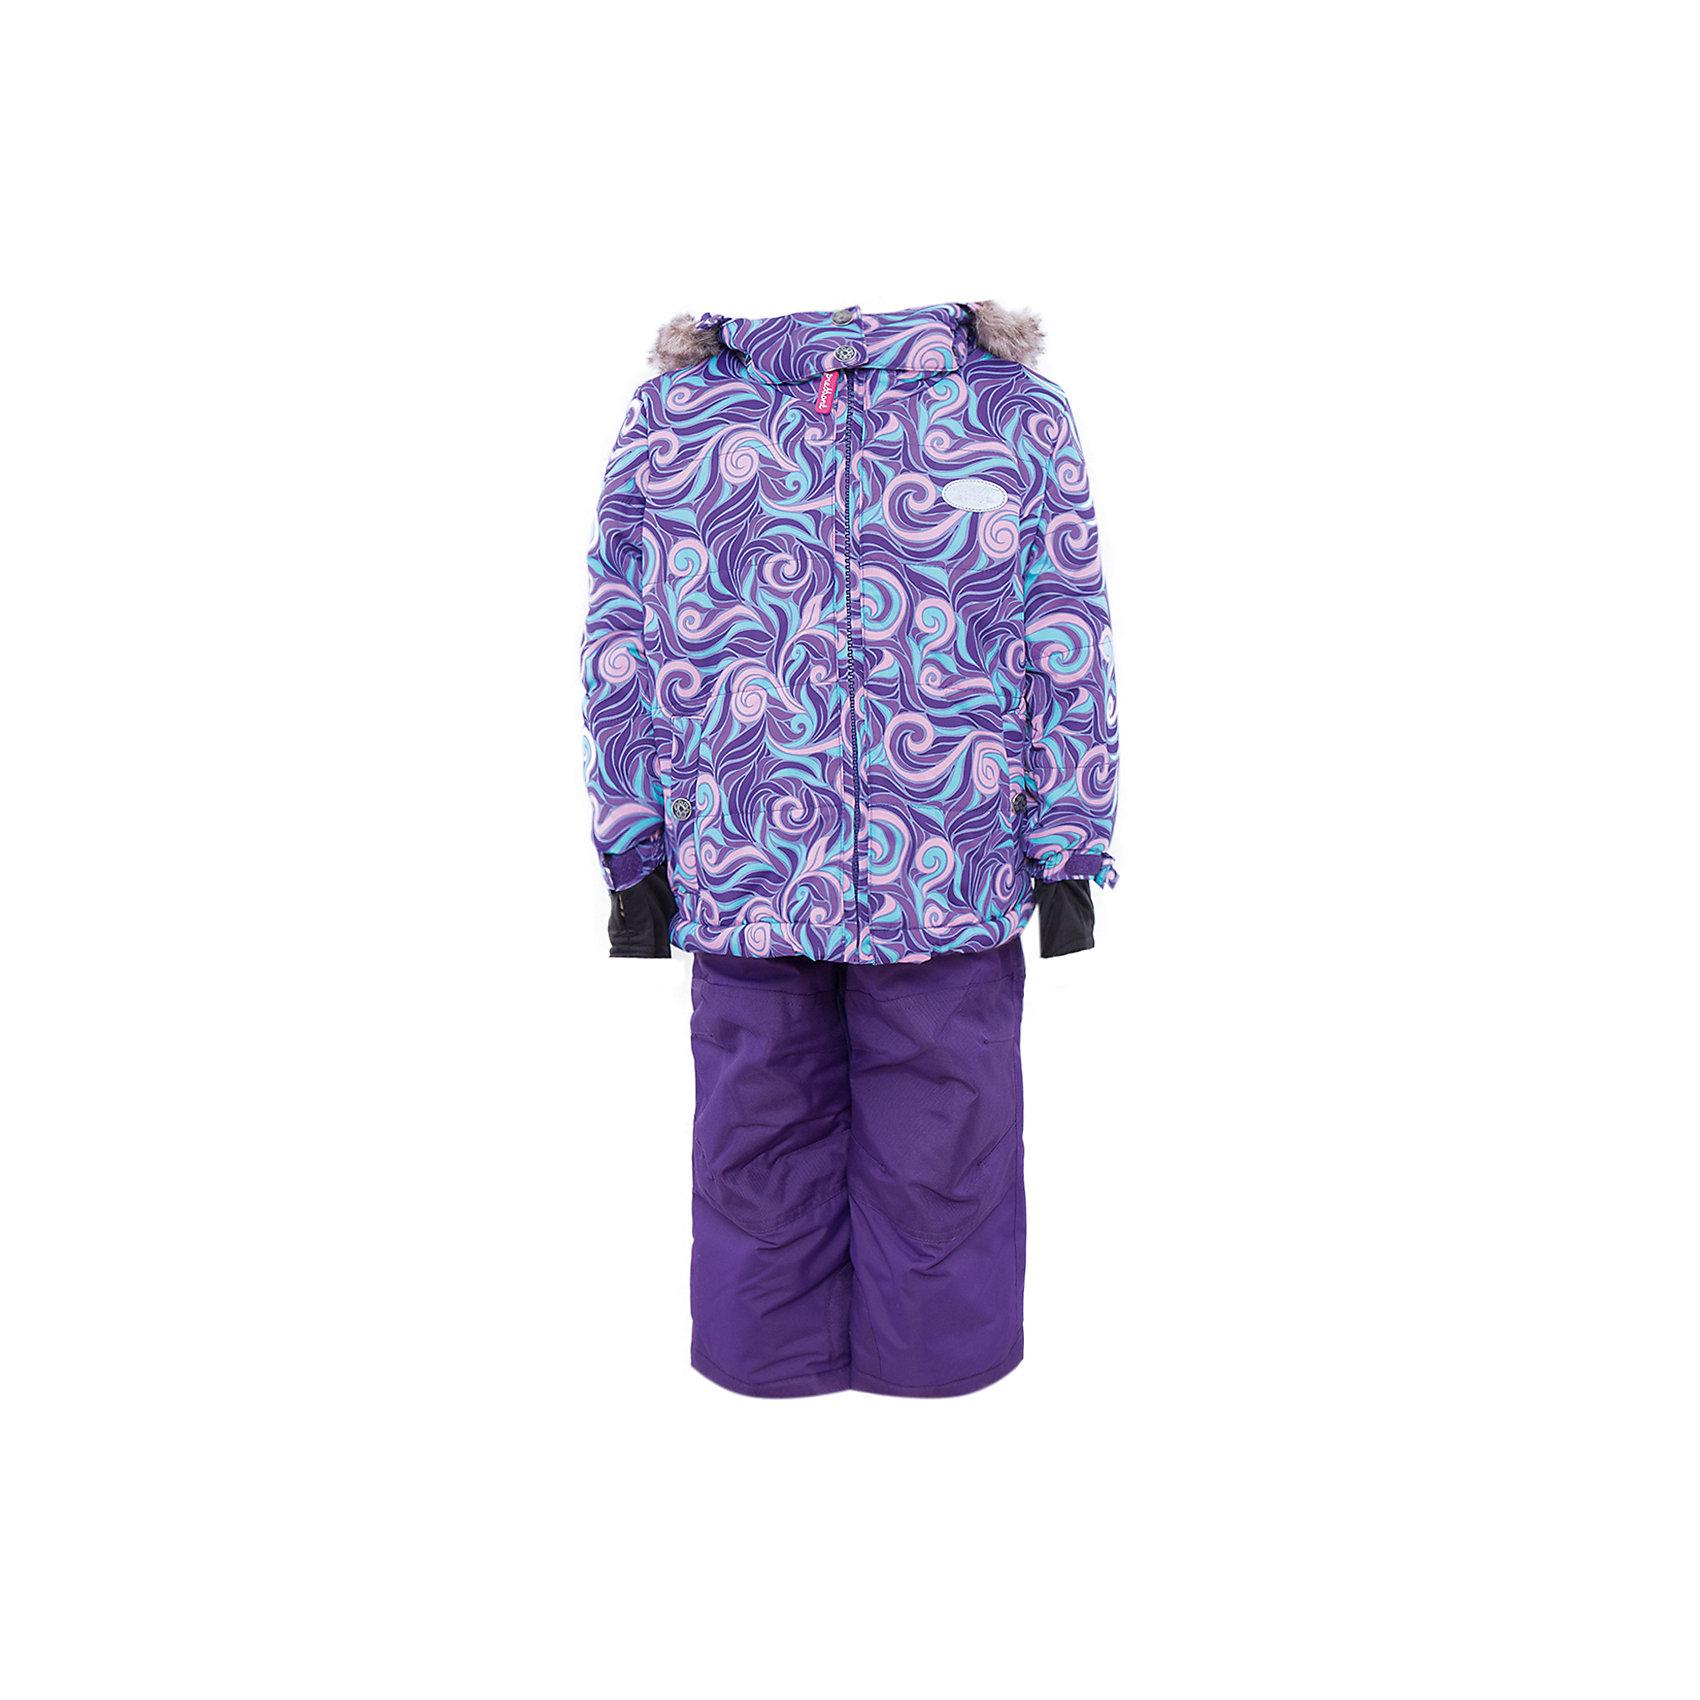 Комплект: куртка и брюки для девочки PremontКомплект: куртка и брюки для девочки от известного бренда Premont .<br>Ниагарский водопад по праву считается самым знаменитым и завораживающим водопадом в мире. Принт комбинезона «Загадка Ниагары» состоит из волнистых, переплетающихся между собой линий, словно струящиеся воды Ниагары слились воедино.<br>Состав:<br>Ткань верха: мембрана 5000мм/5000г/м2/24h, Taslan <br>Подклад: Polarfleece (тело, капюшон, манжеты), Taffeta (брюки, рукава, снежная юбка) Утеплитель: Tech-polyfill (куртка 280г, брюки 180г)<br><br>Ширина мм: 356<br>Глубина мм: 10<br>Высота мм: 245<br>Вес г: 519<br>Цвет: фиолетовый<br>Возраст от месяцев: 18<br>Возраст до месяцев: 24<br>Пол: Женский<br>Возраст: Детский<br>Размер: 92,164,152,140,128,122,120,116,110,104,100,98<br>SKU: 4996696